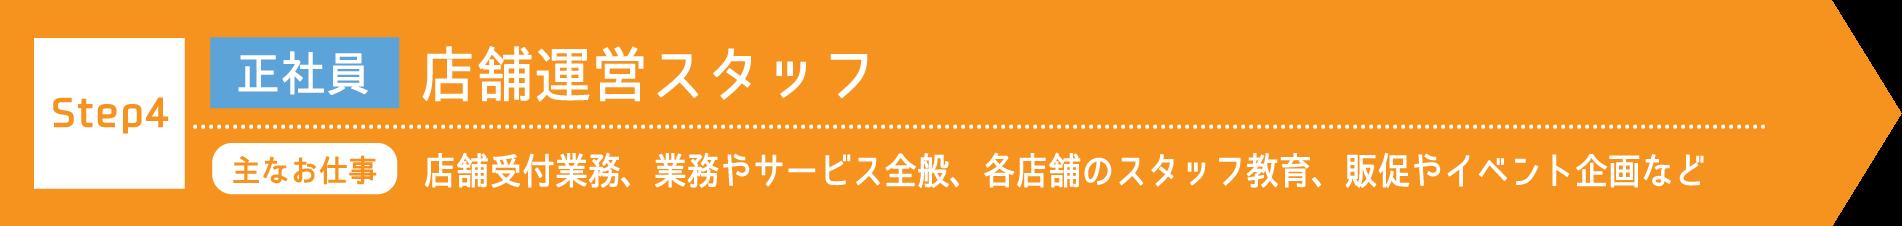 エリアマネージャー|1,150円〜|主なお仕事:店舗エリアシフト管理 リーダー及びマネージャー管理 店舗業務の伝達 エリア店舗の業務チェック